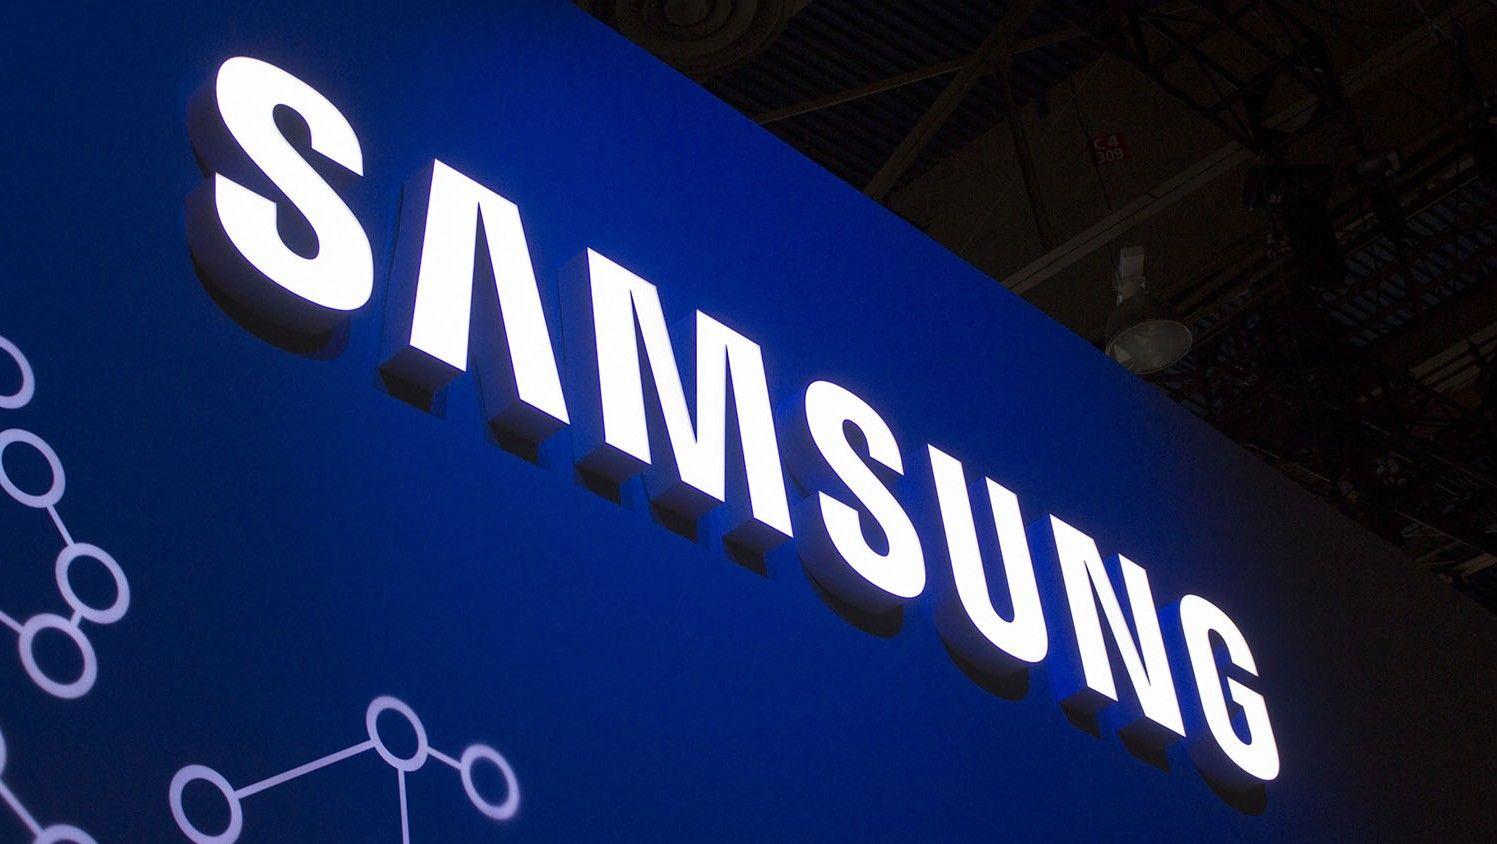 Samsung celebra i 19 anni dall'arrivo della fotocamera sui cellulari ripercorrendo l'intera storia